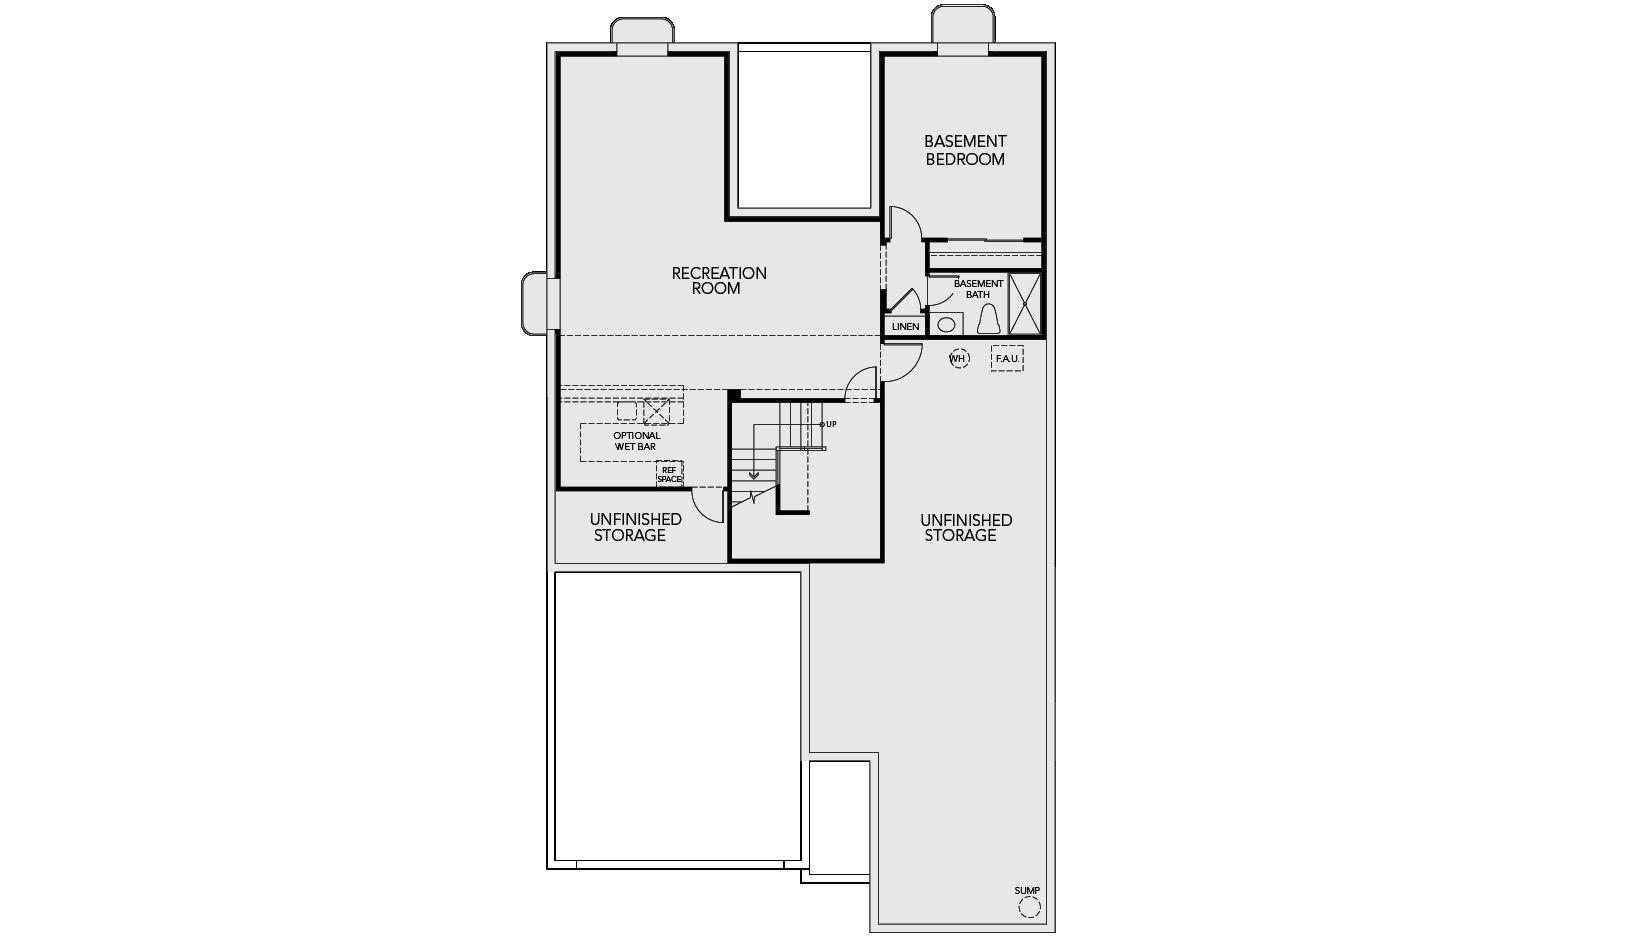 4844 Basalt Ridge Circle Tri Pointe Floorplan 4007 Optional Inishedbasement